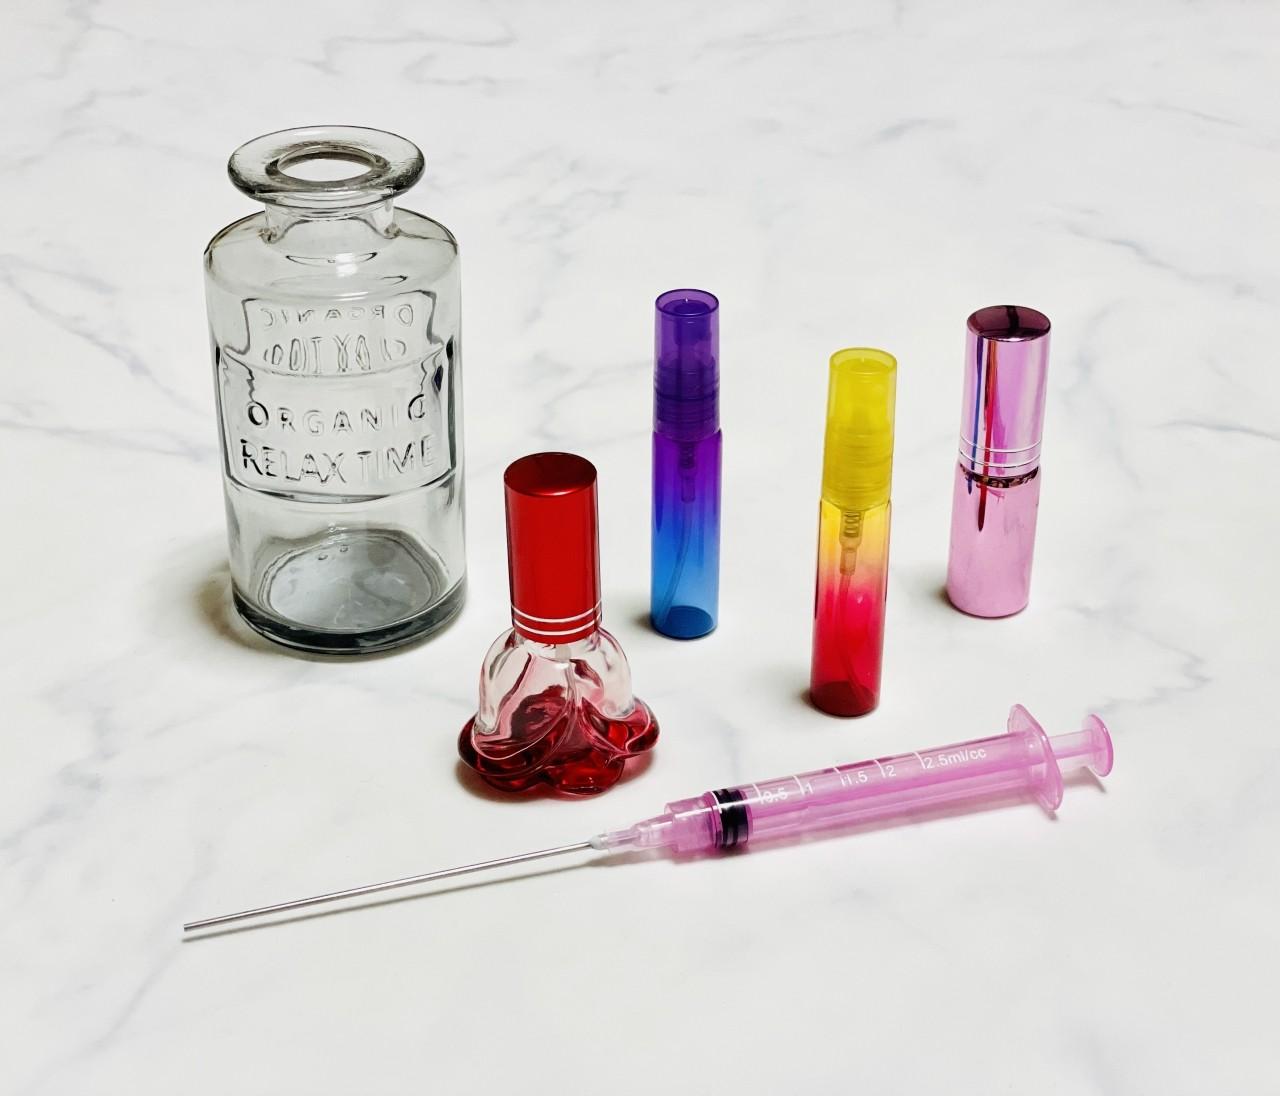 【セリア】香水用のアトマイザーで好きな香りをポーチにイン♡消毒用アルコール対応アイテムもあって超便利!